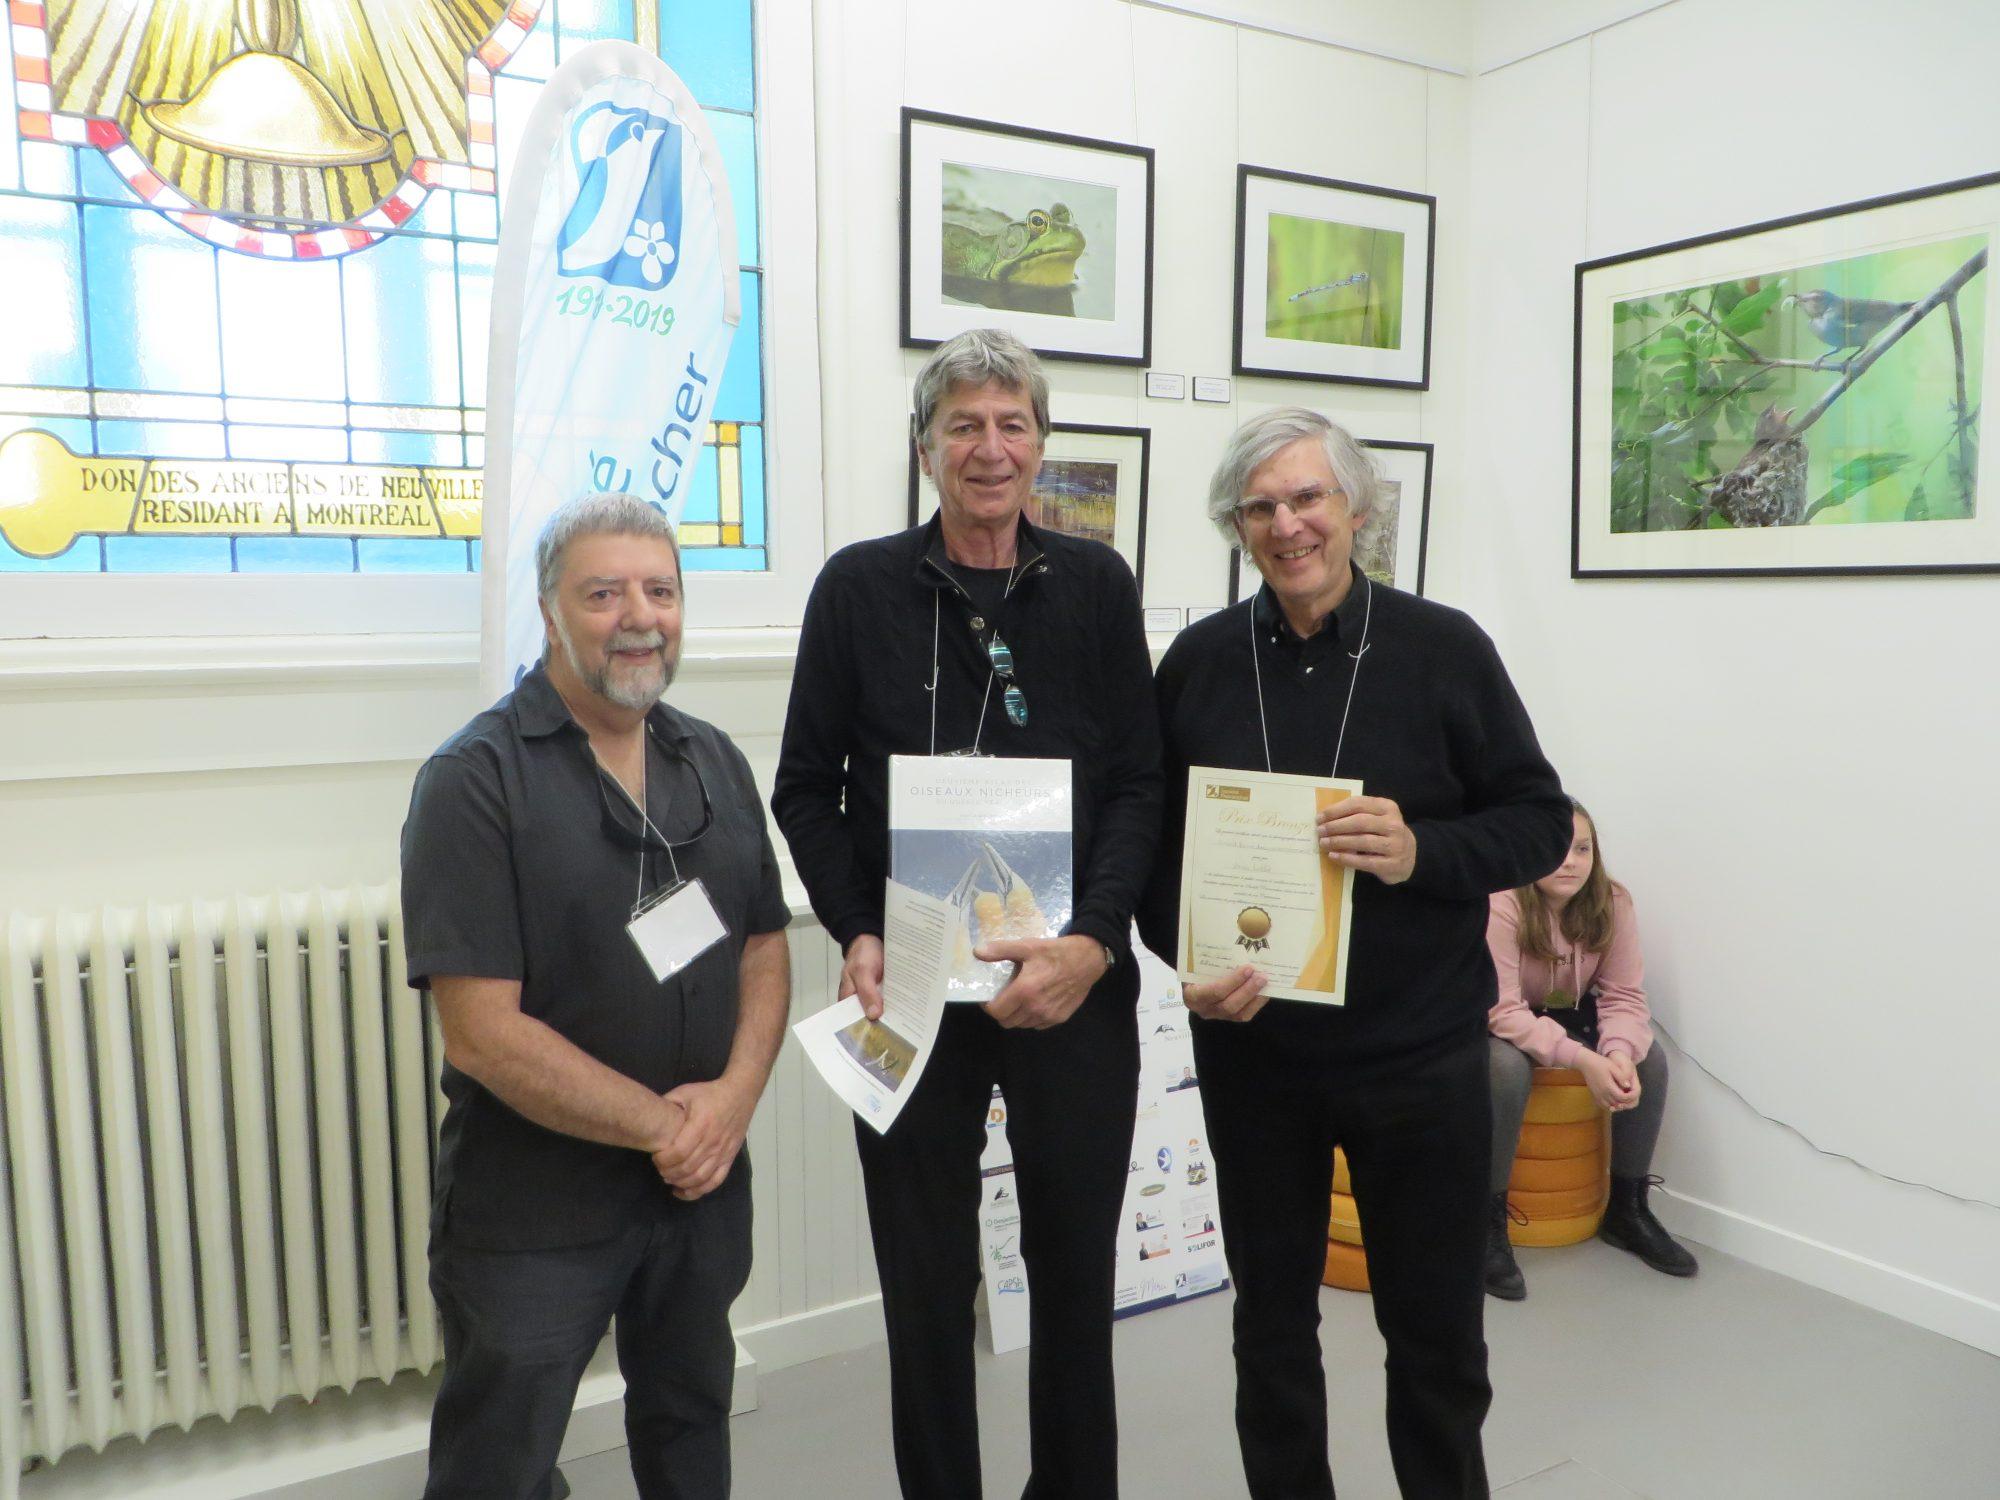 Le gagnant du prix BRONZE, M. Jean Labbé (à droite) en compagnie du président du jury, M. Yvan Bédard et de M. Daniel St-Onge, président de la Société Provancher. Photo : Réhaume Courtois.